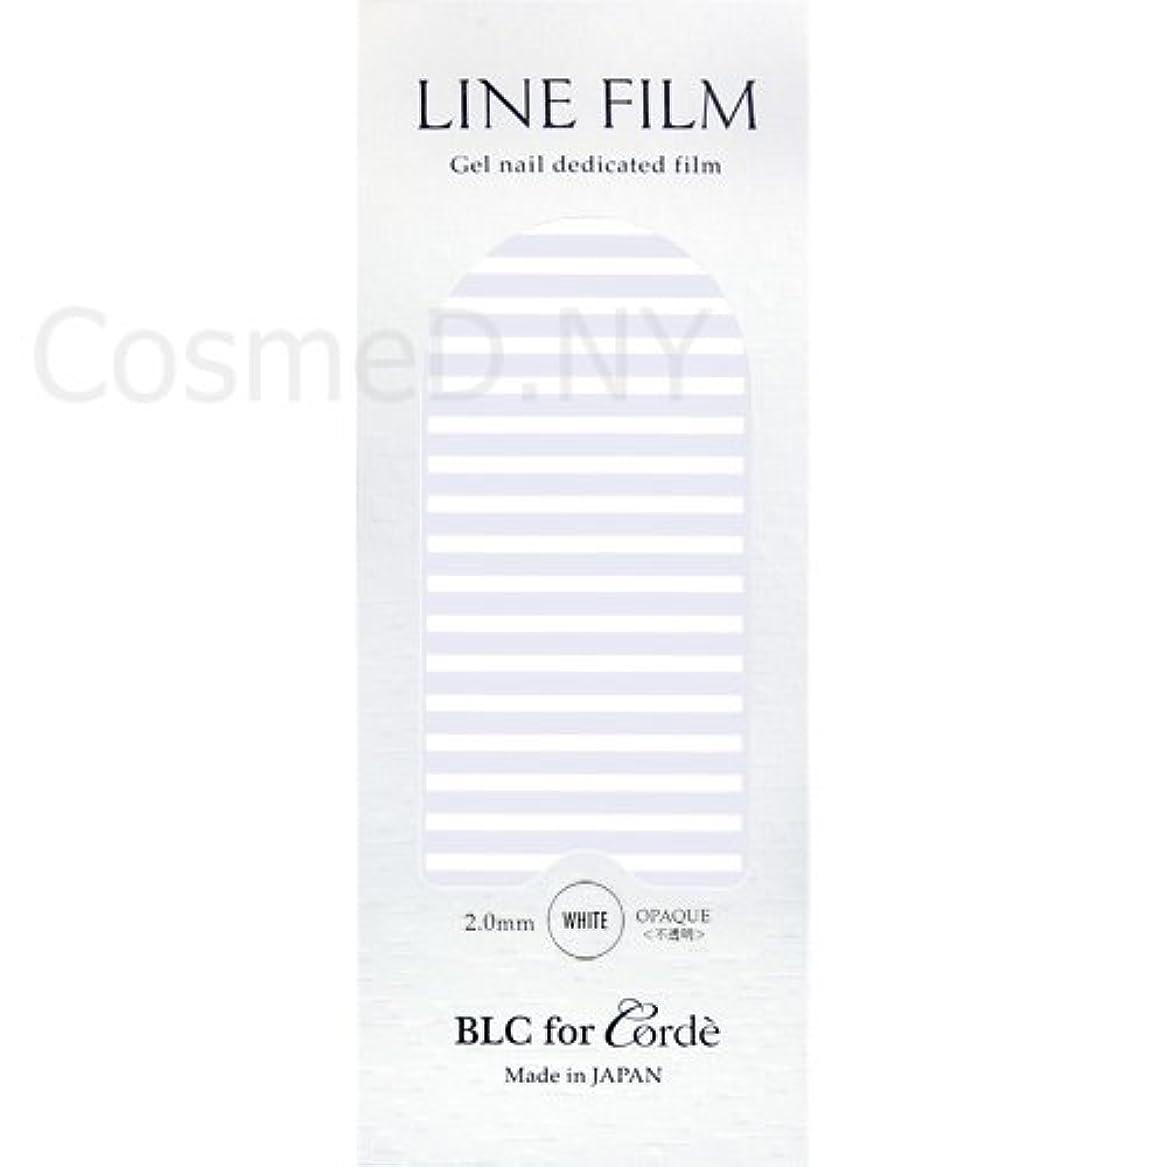 アマチュア詩アジア人BLC for Corde(ビーエルシーフォーコーデ)ラインフィルム ホワイト 2mm【ネイルアート、ネイルシール】